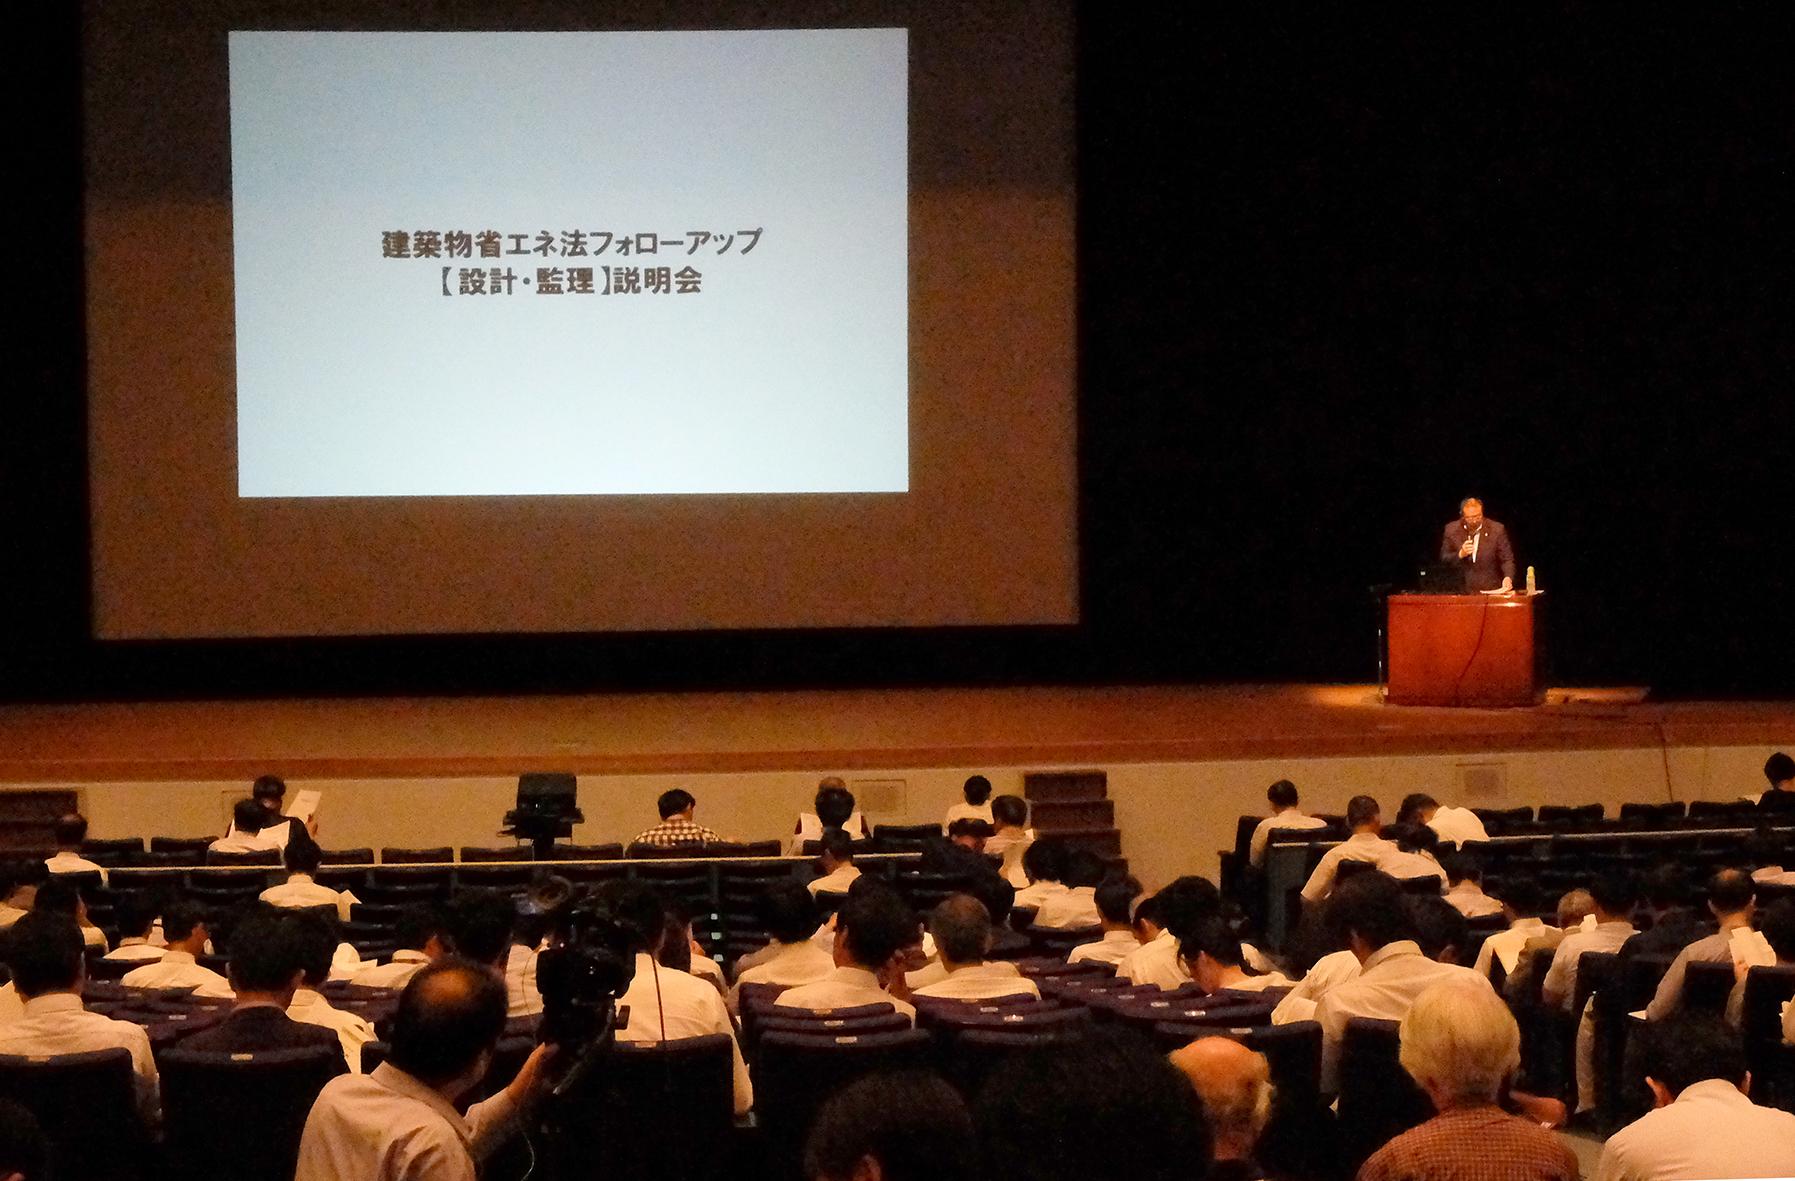 建築物省エネ法の説明会を開催、サポート体制も整備